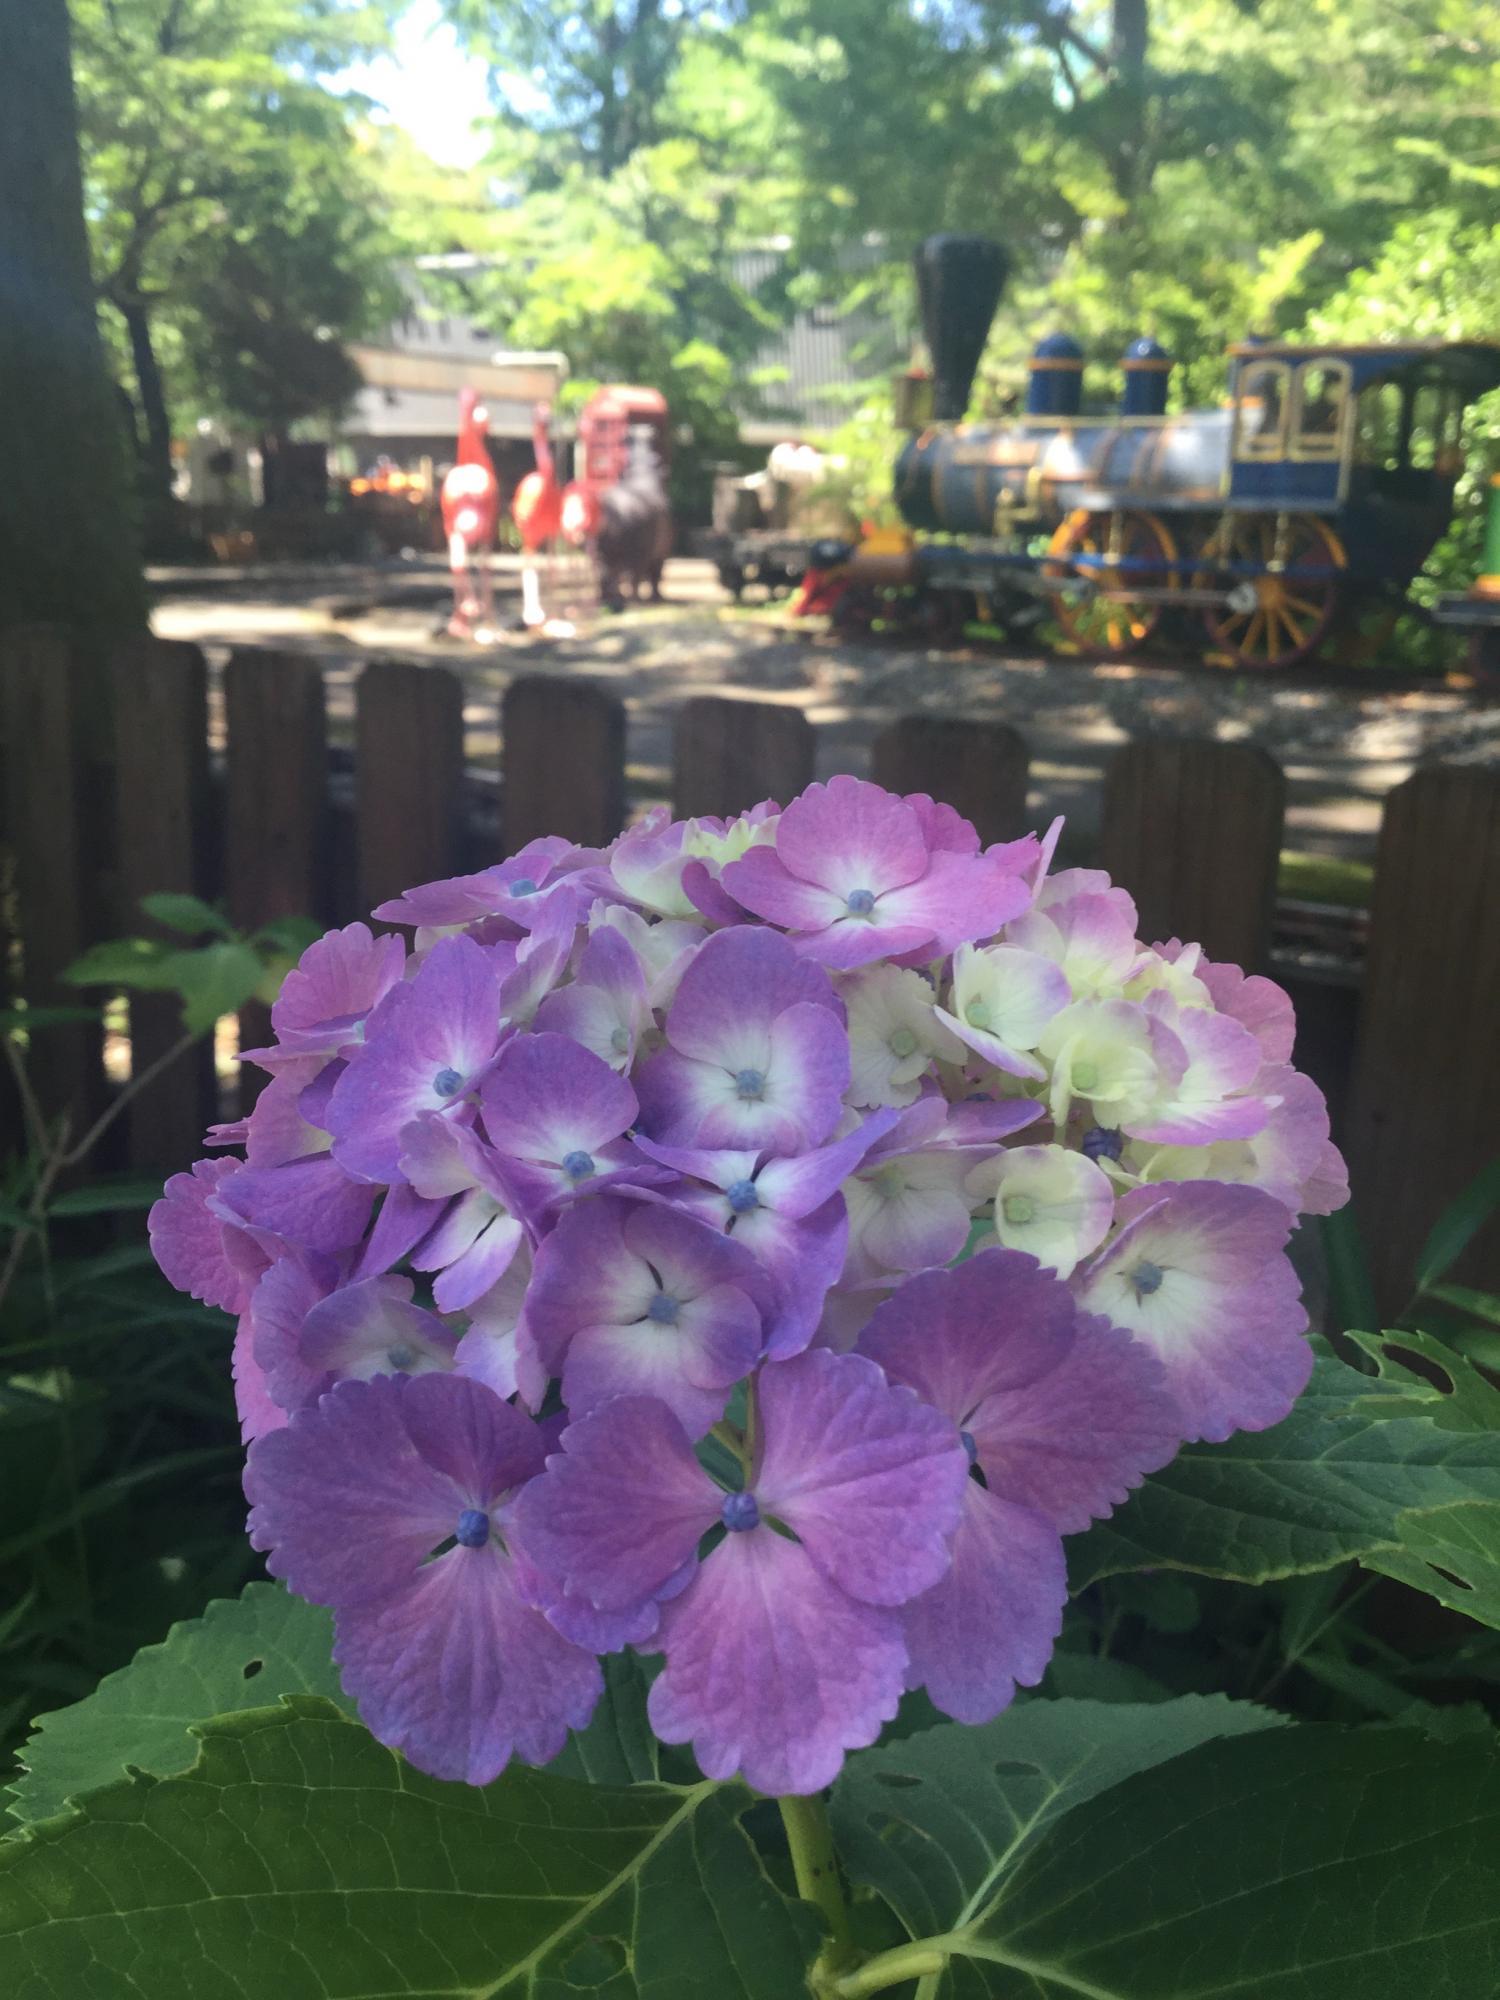 紫阳花表演!和不能收拾起来的紫阳花节ri图片